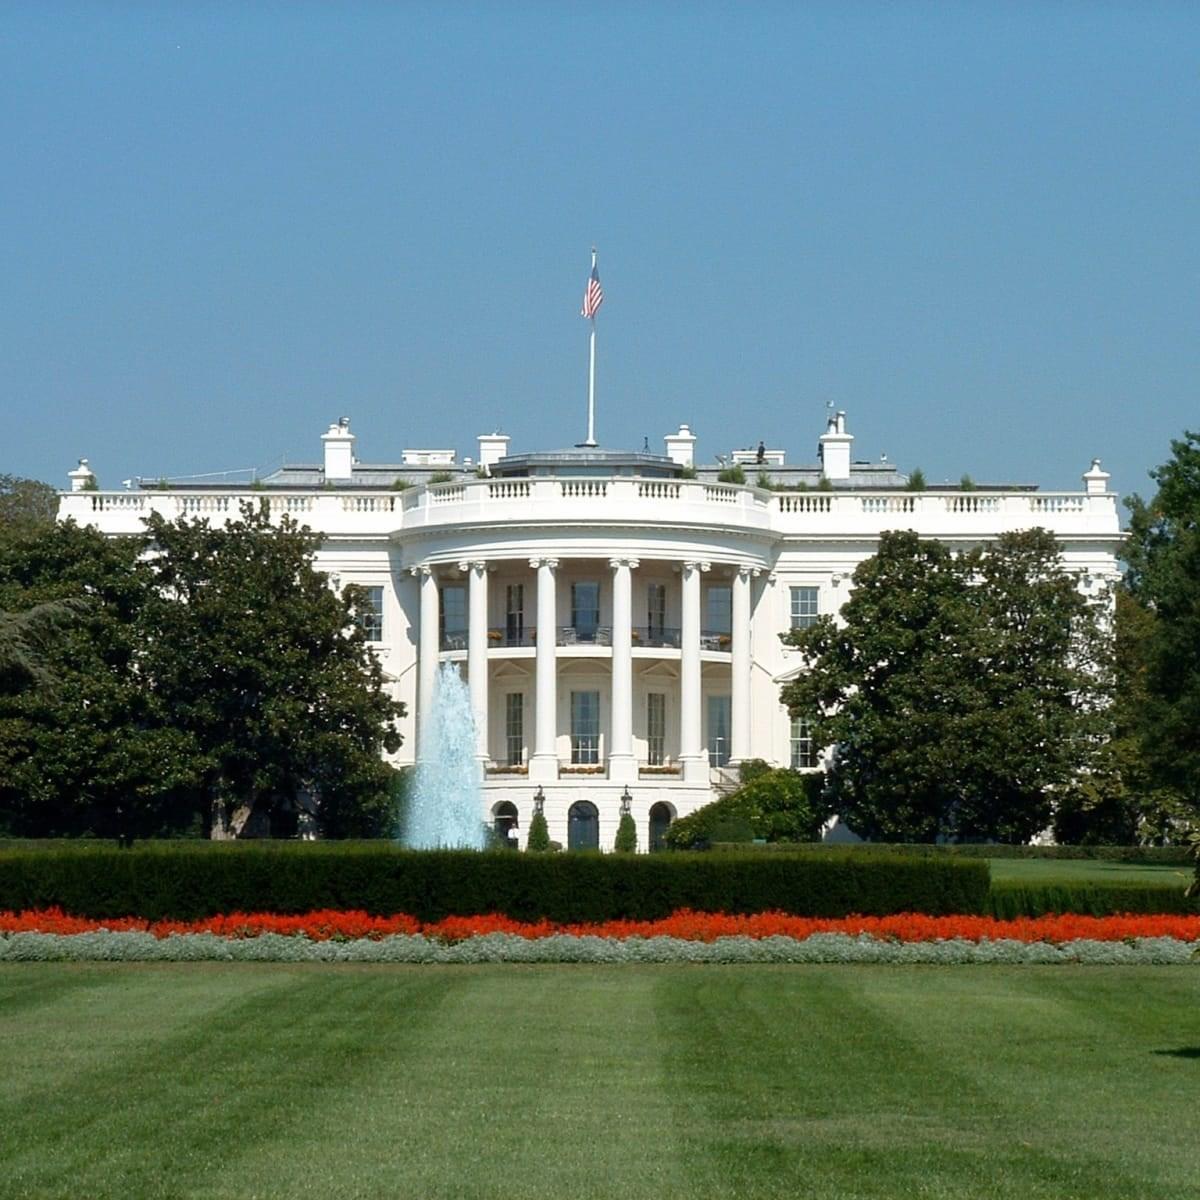 مستشار ترامب الاقتصادي: في البيت الأبيض نواصل العمل كما لو أننا بصدد ولاية ثانية لترامب